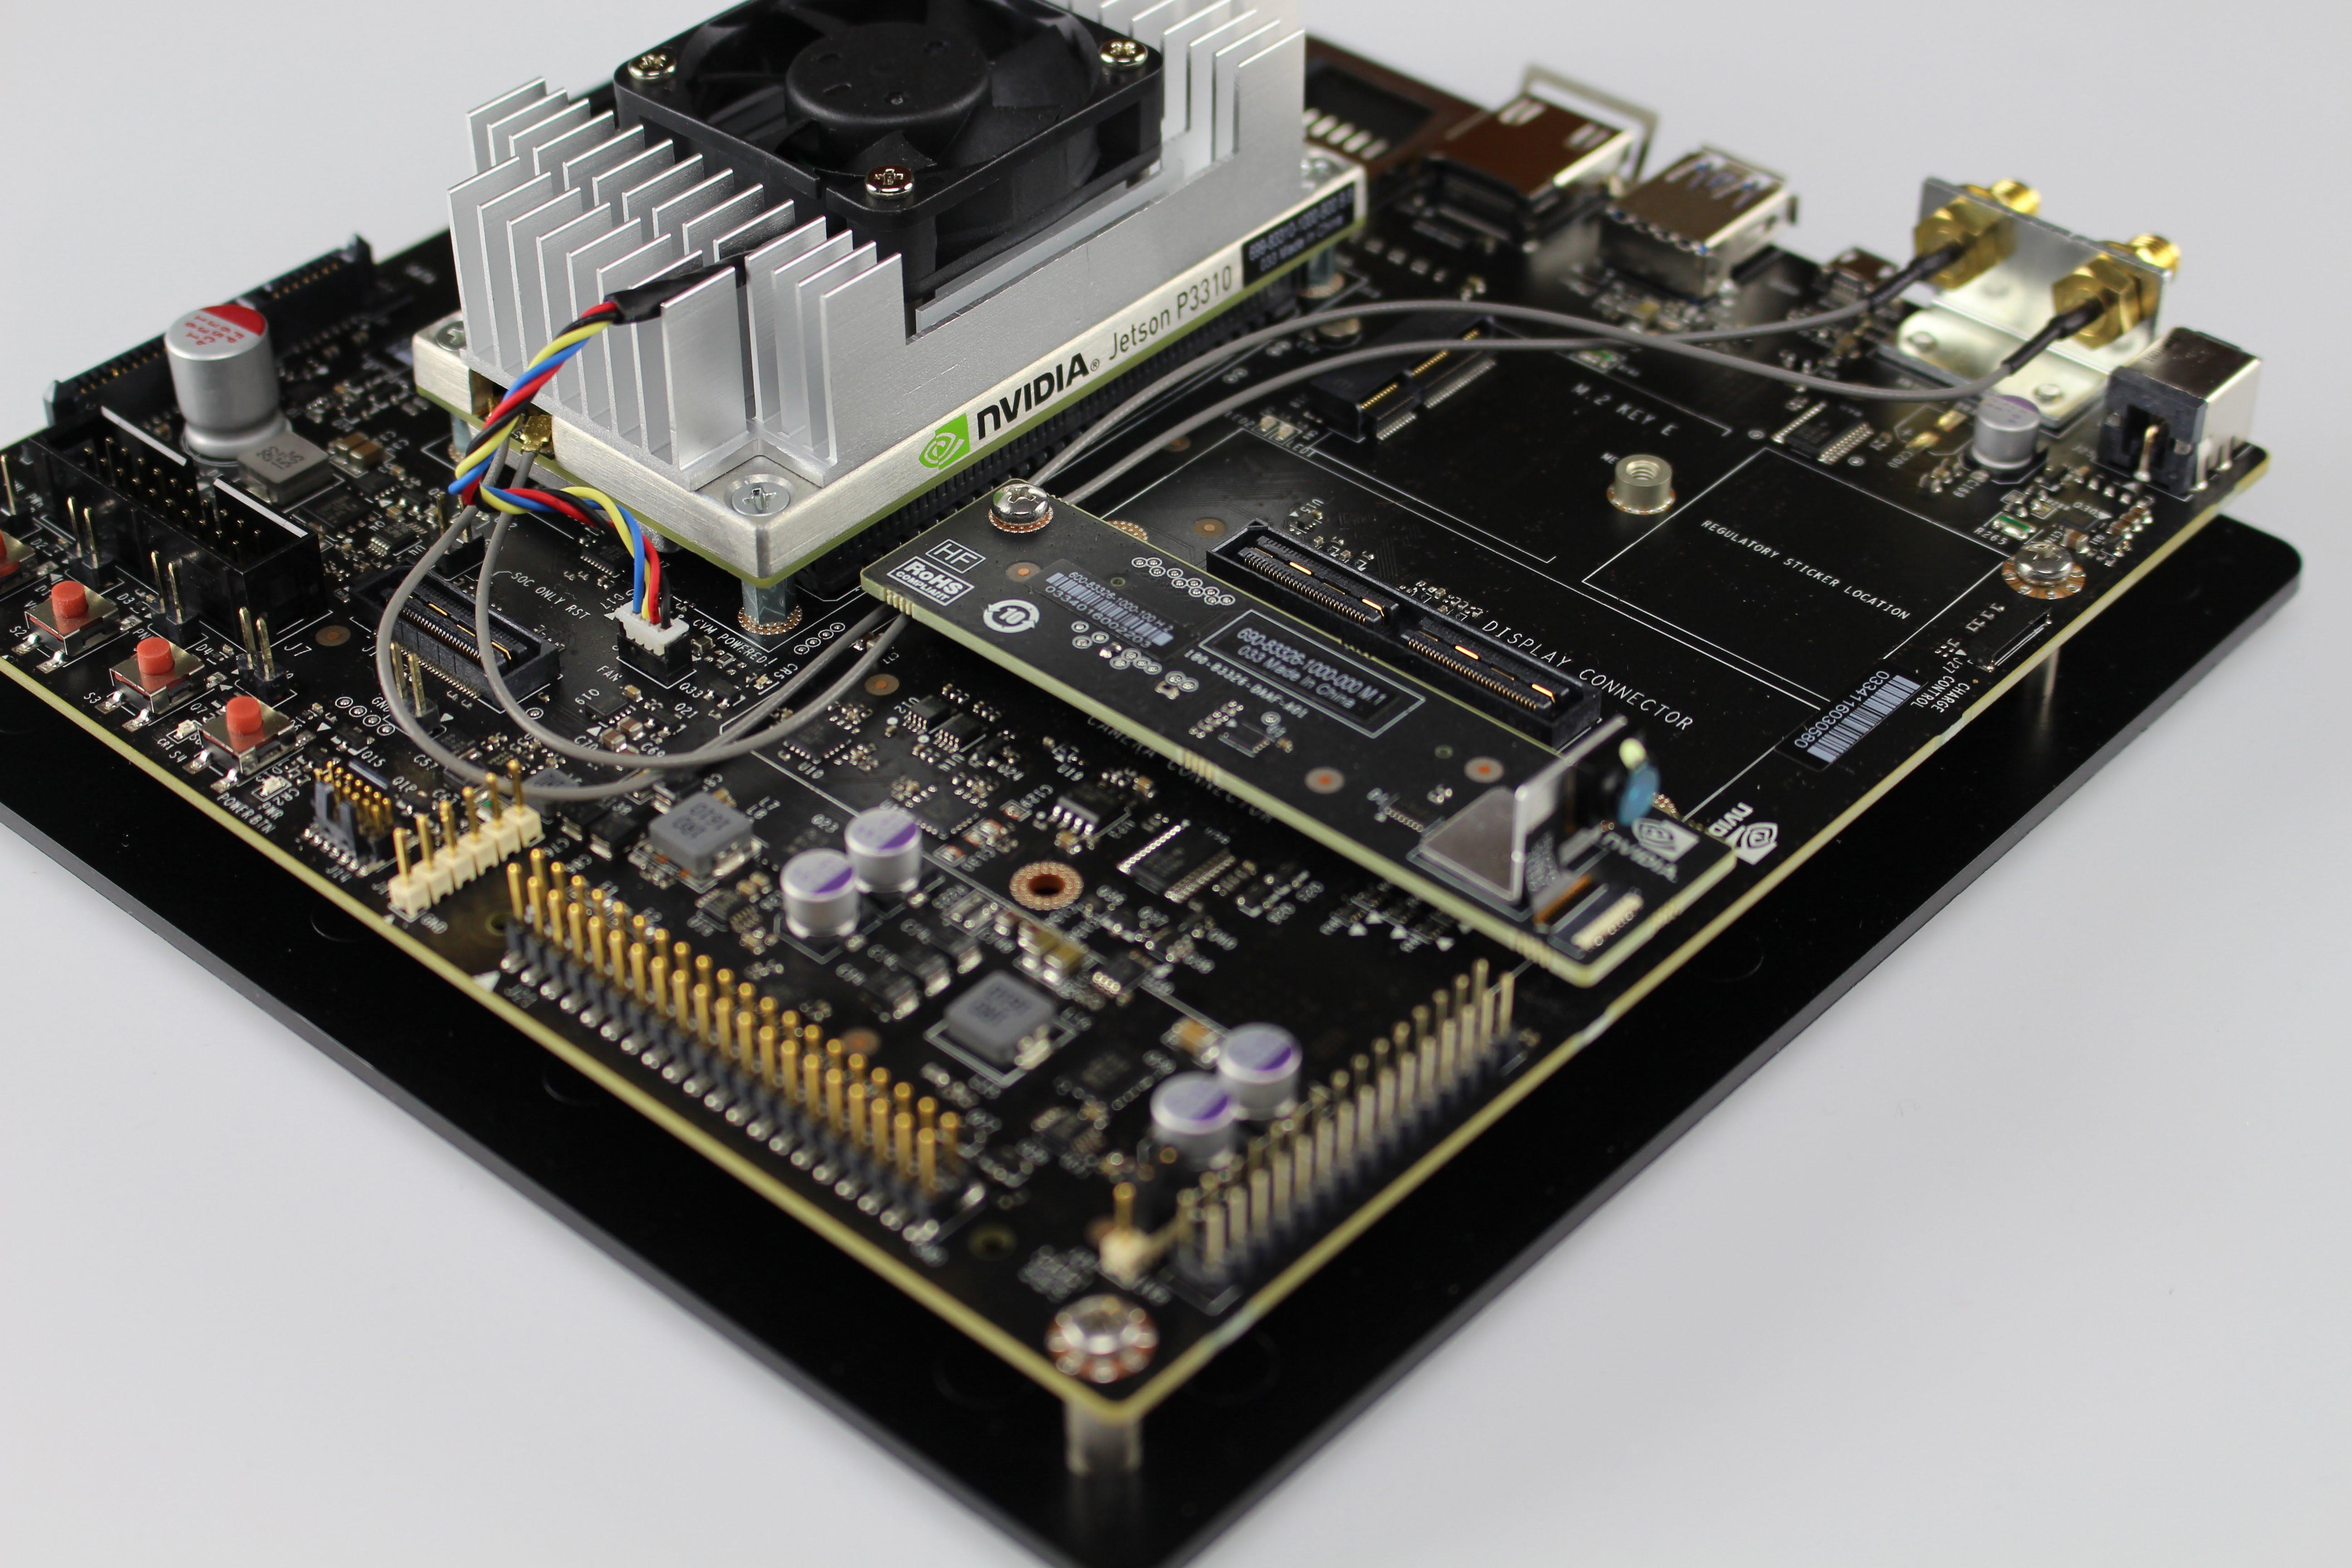 Jetson TX2 Development Kit